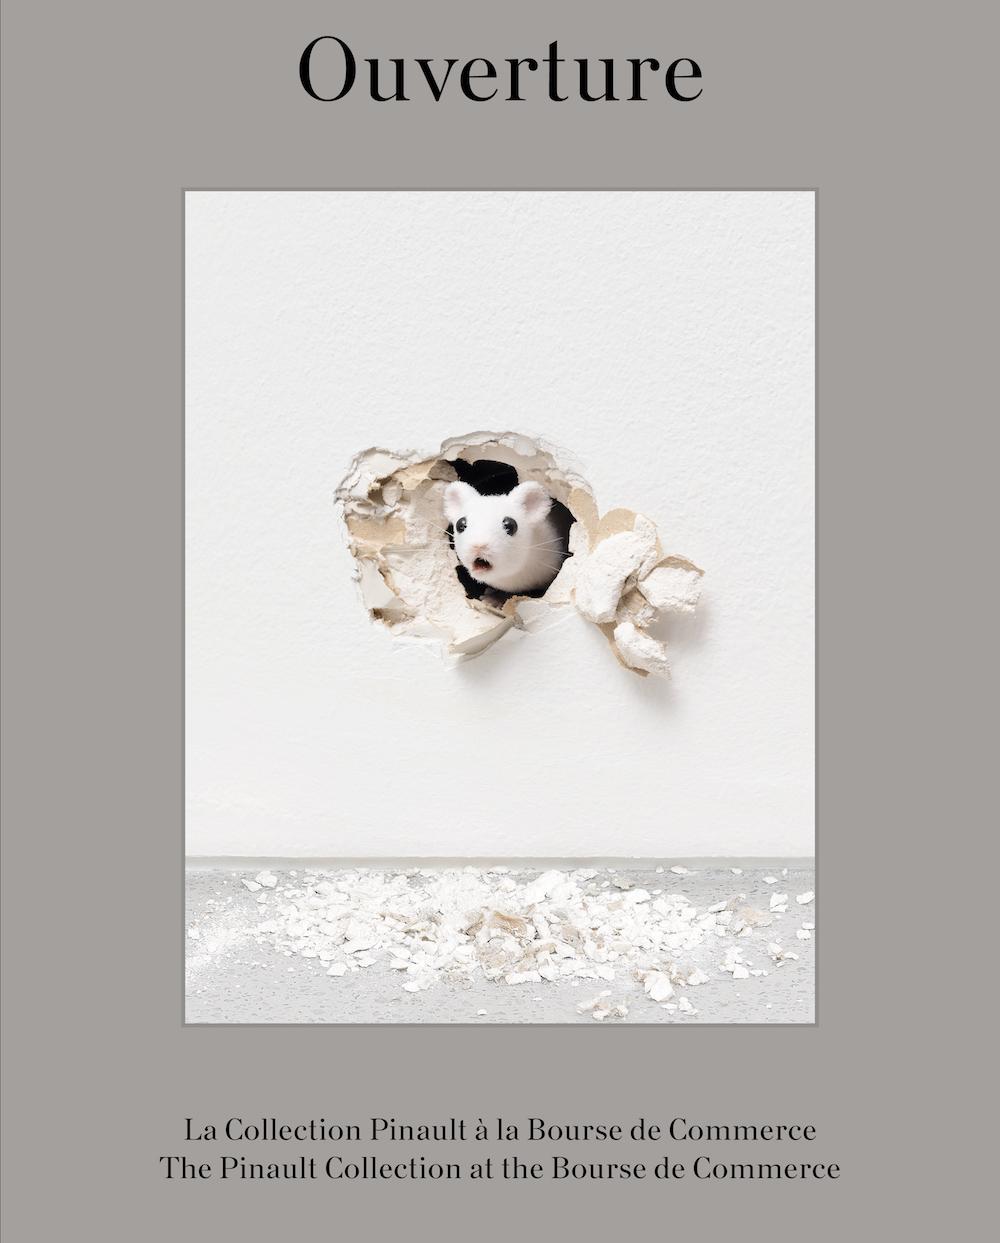 Ouverture, la Collection Pinault à la Bourse de Commerce